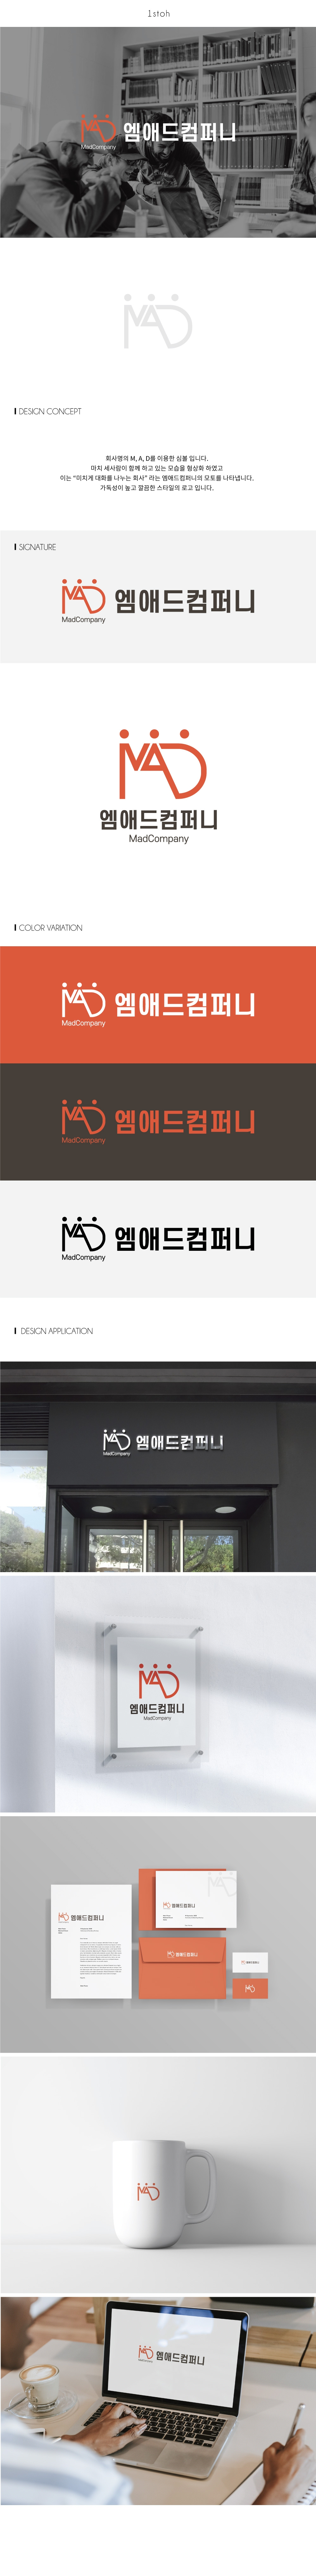 로고 디자인   회사 로고 디자인 의뢰   라우드소싱 포트폴리오